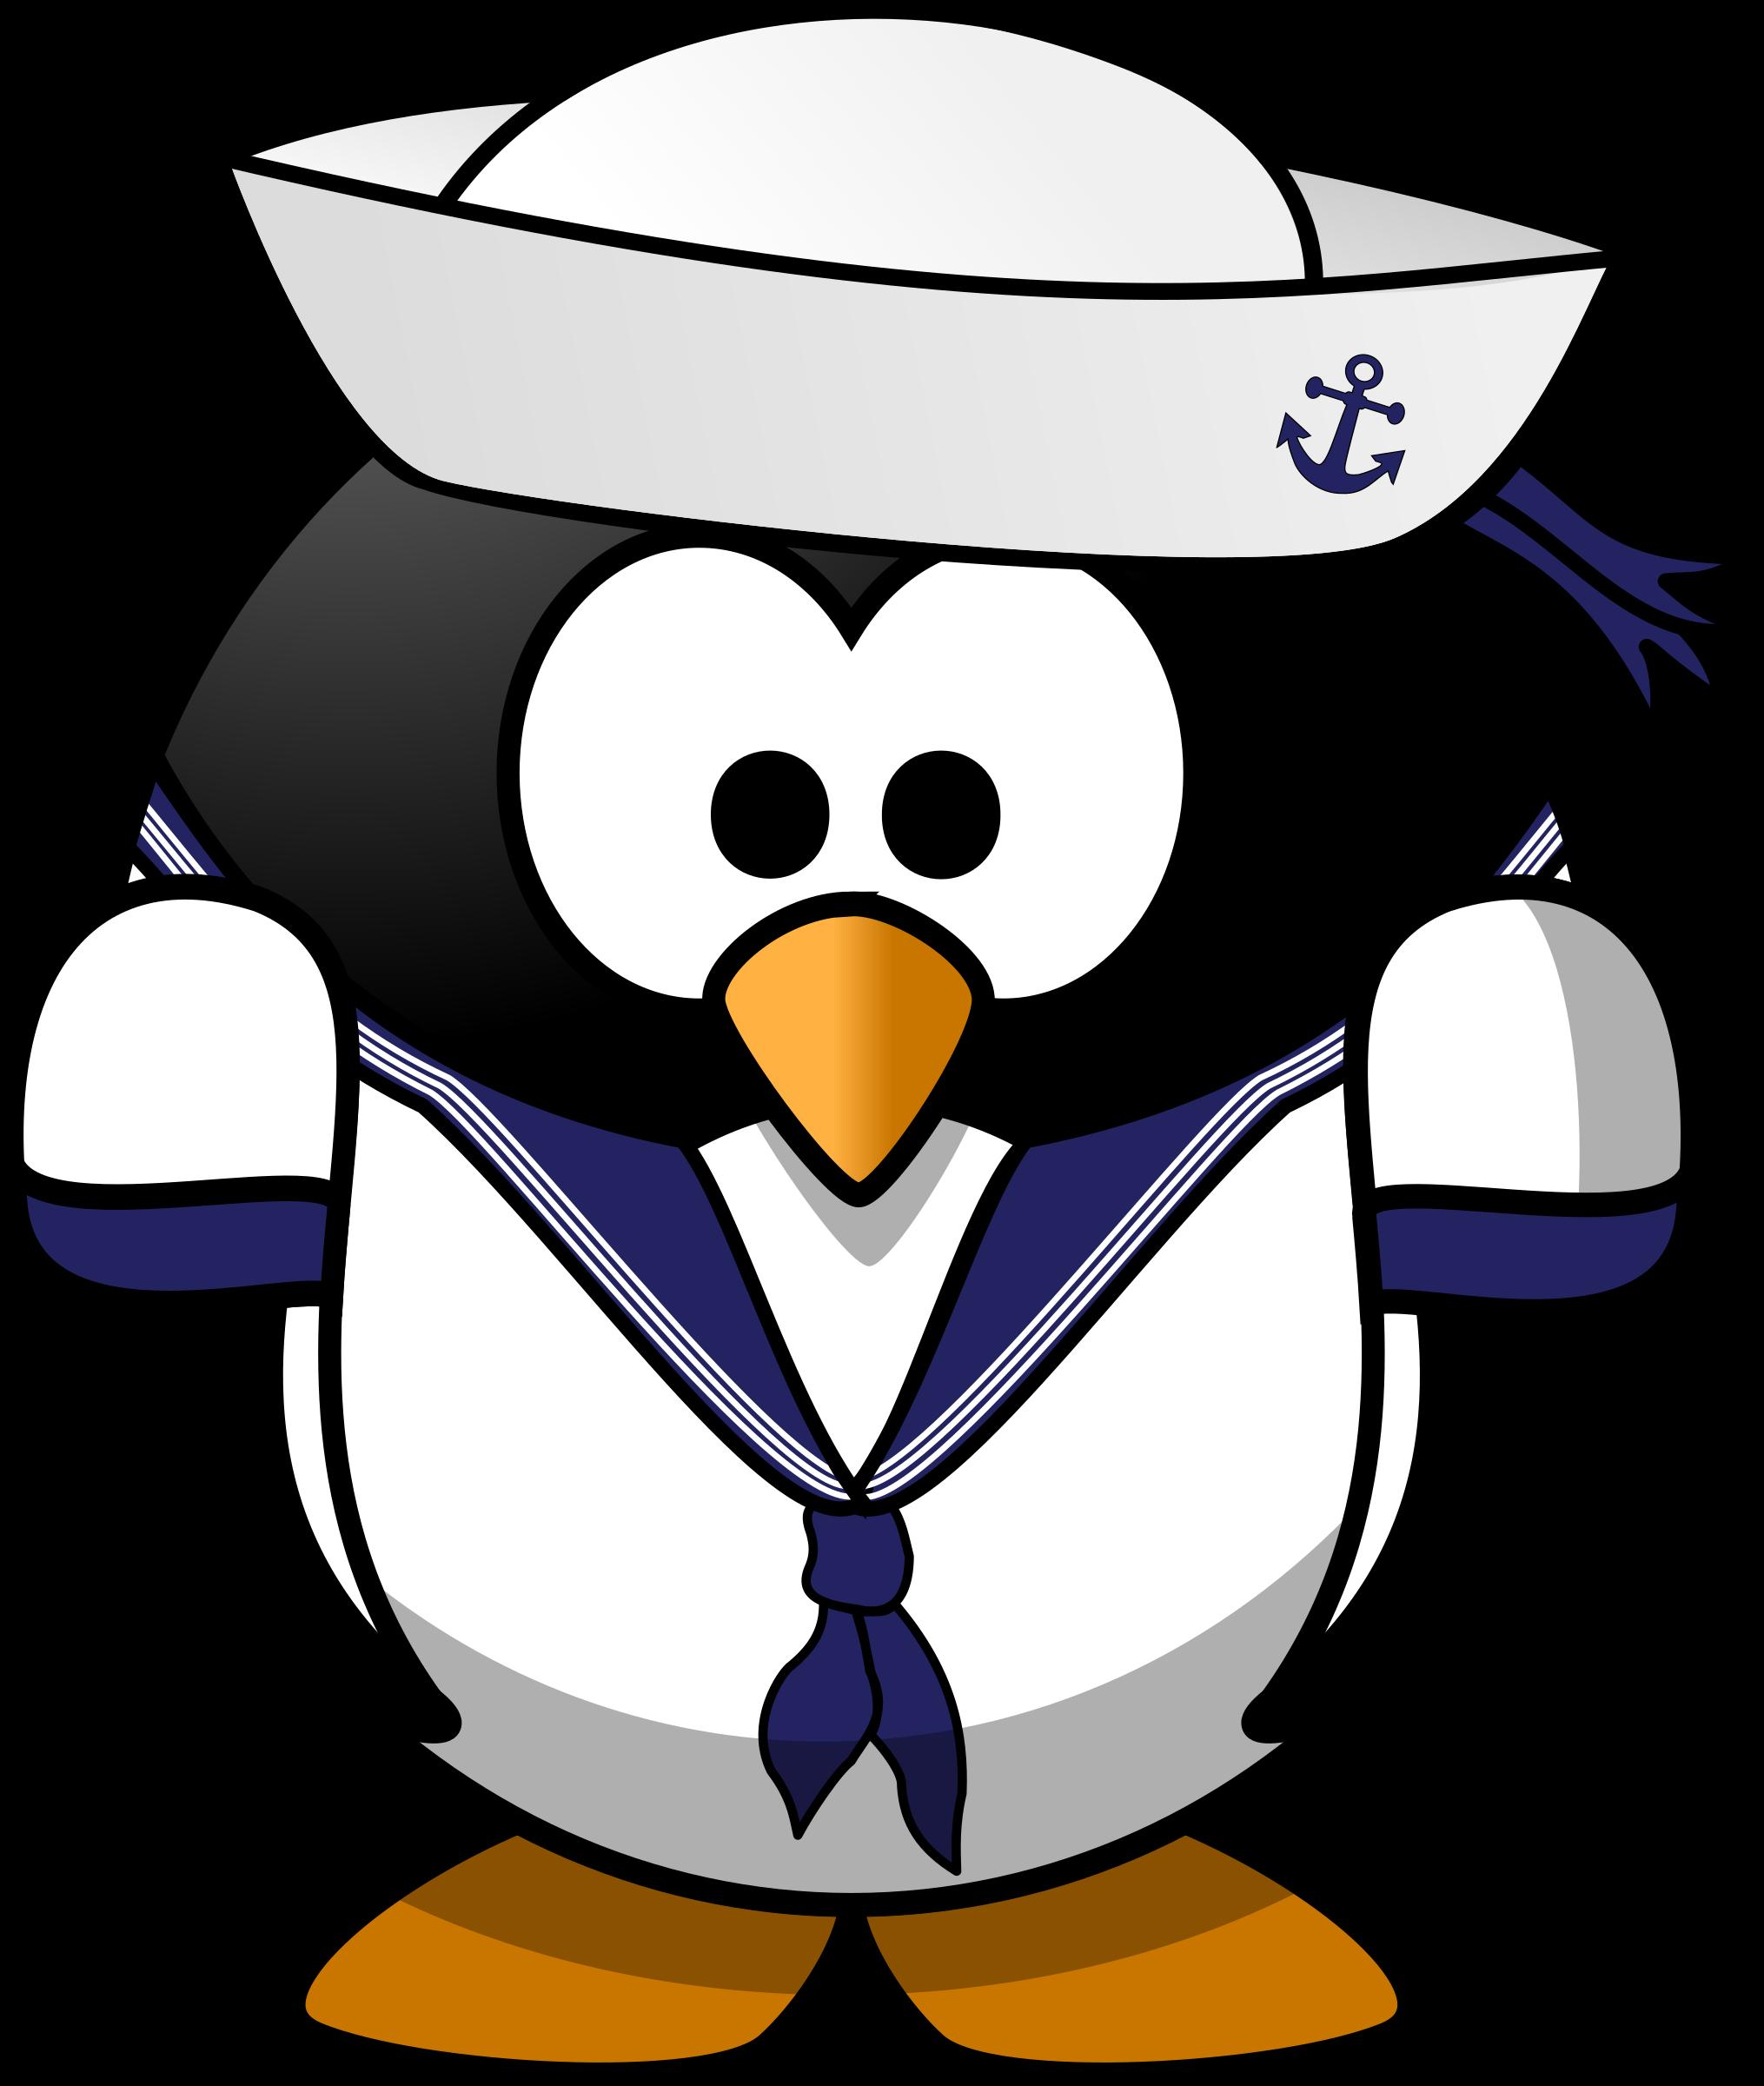 Sailor clipart Sailor Sailor penguin penguin Clipart